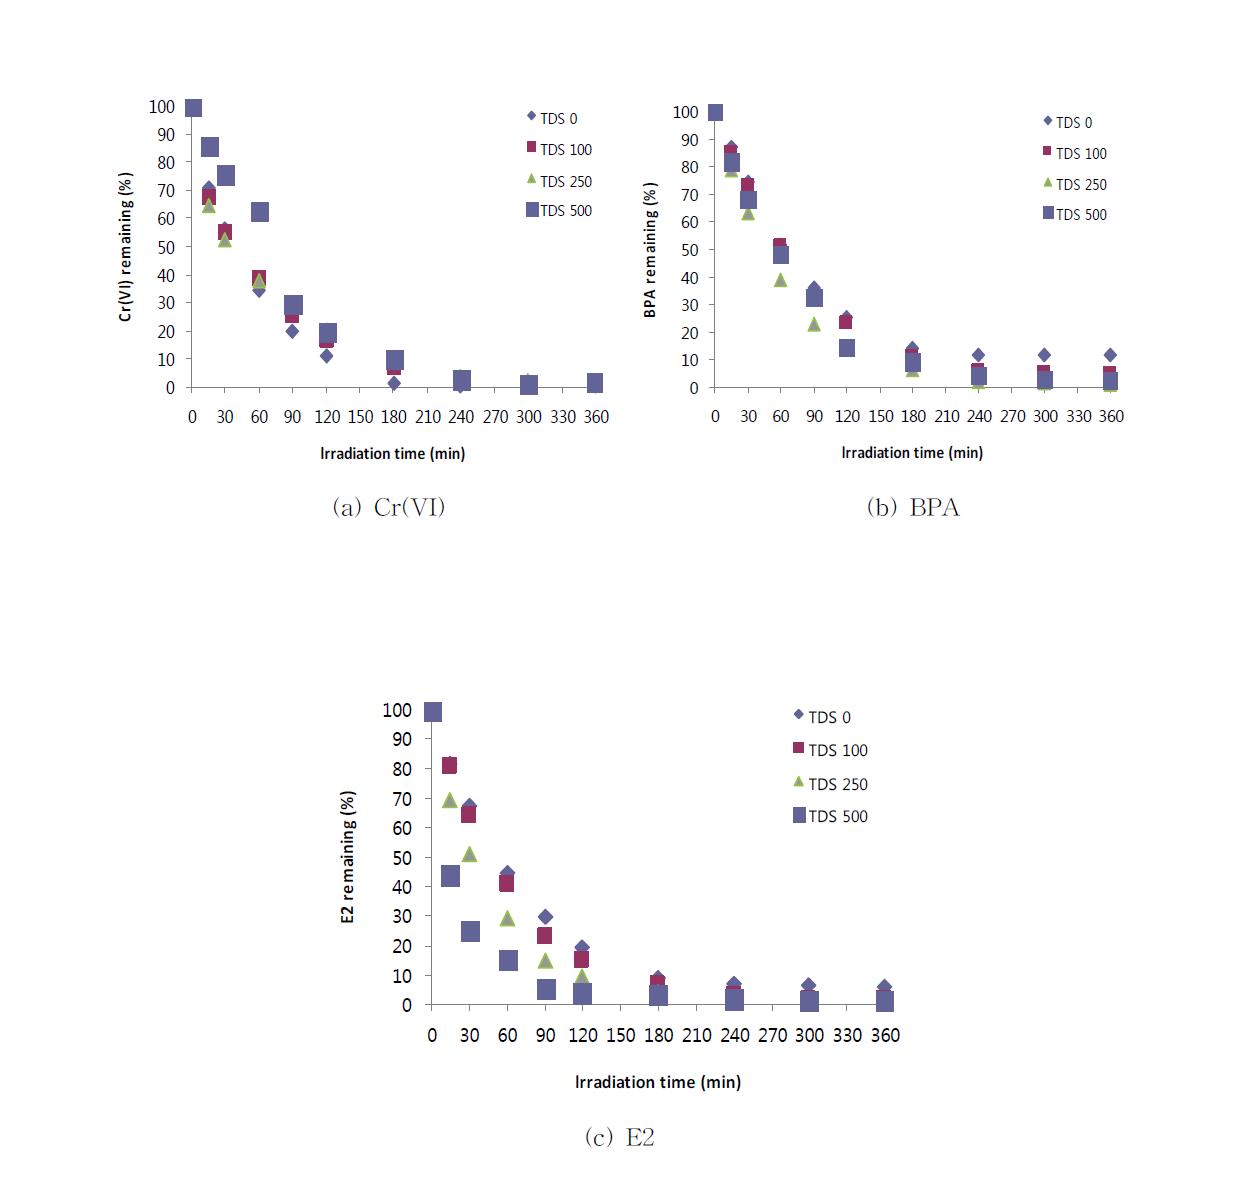 전기전도도에 의한 복합오염물질 제거 경향 비교